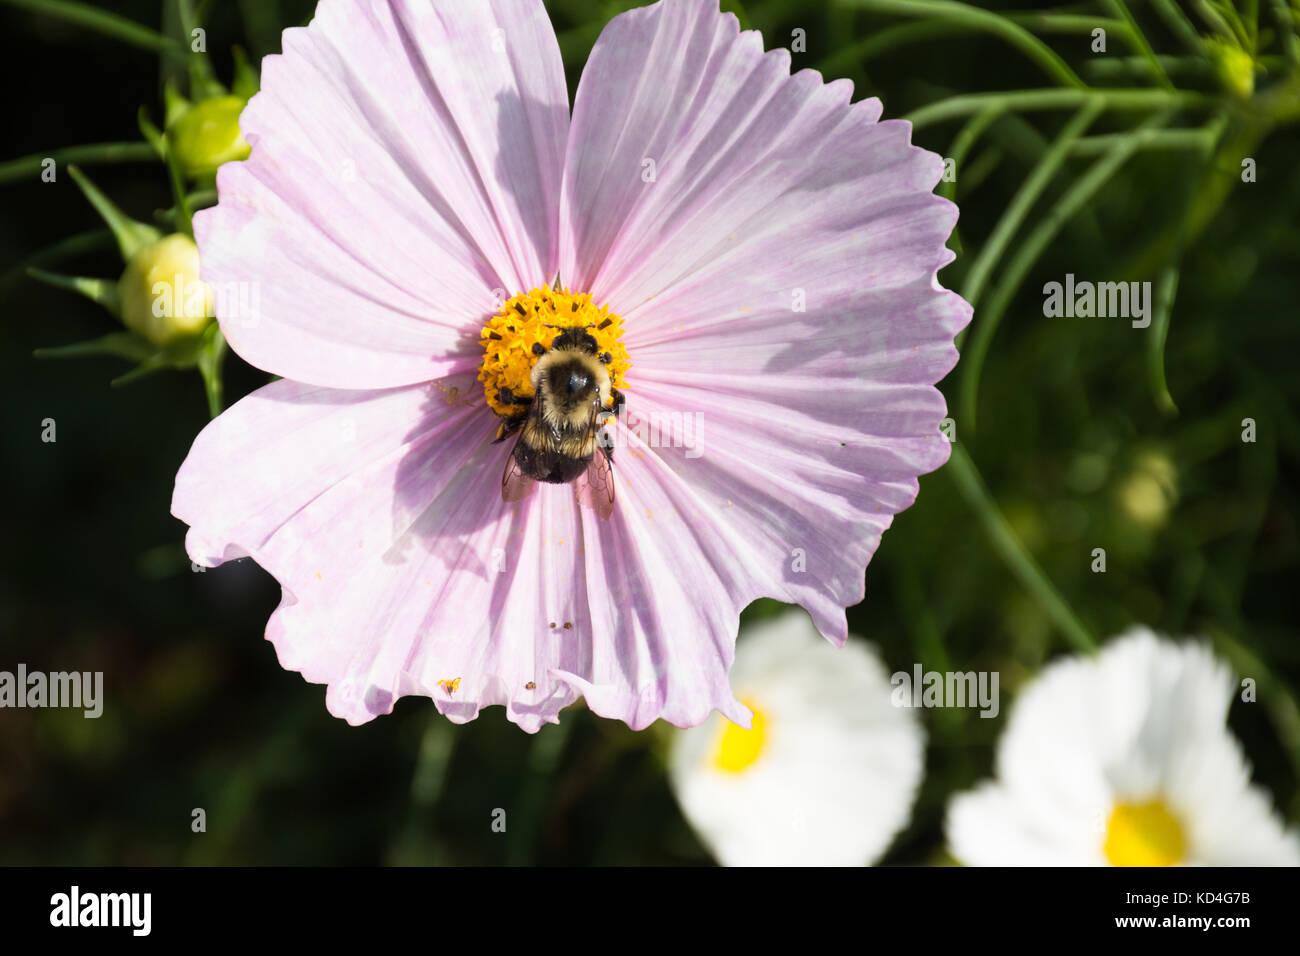 Cierre de un abejorro recogiendo polen de una flor rosa. Es también una araña en un pétalo, cerca Imagen De Stock